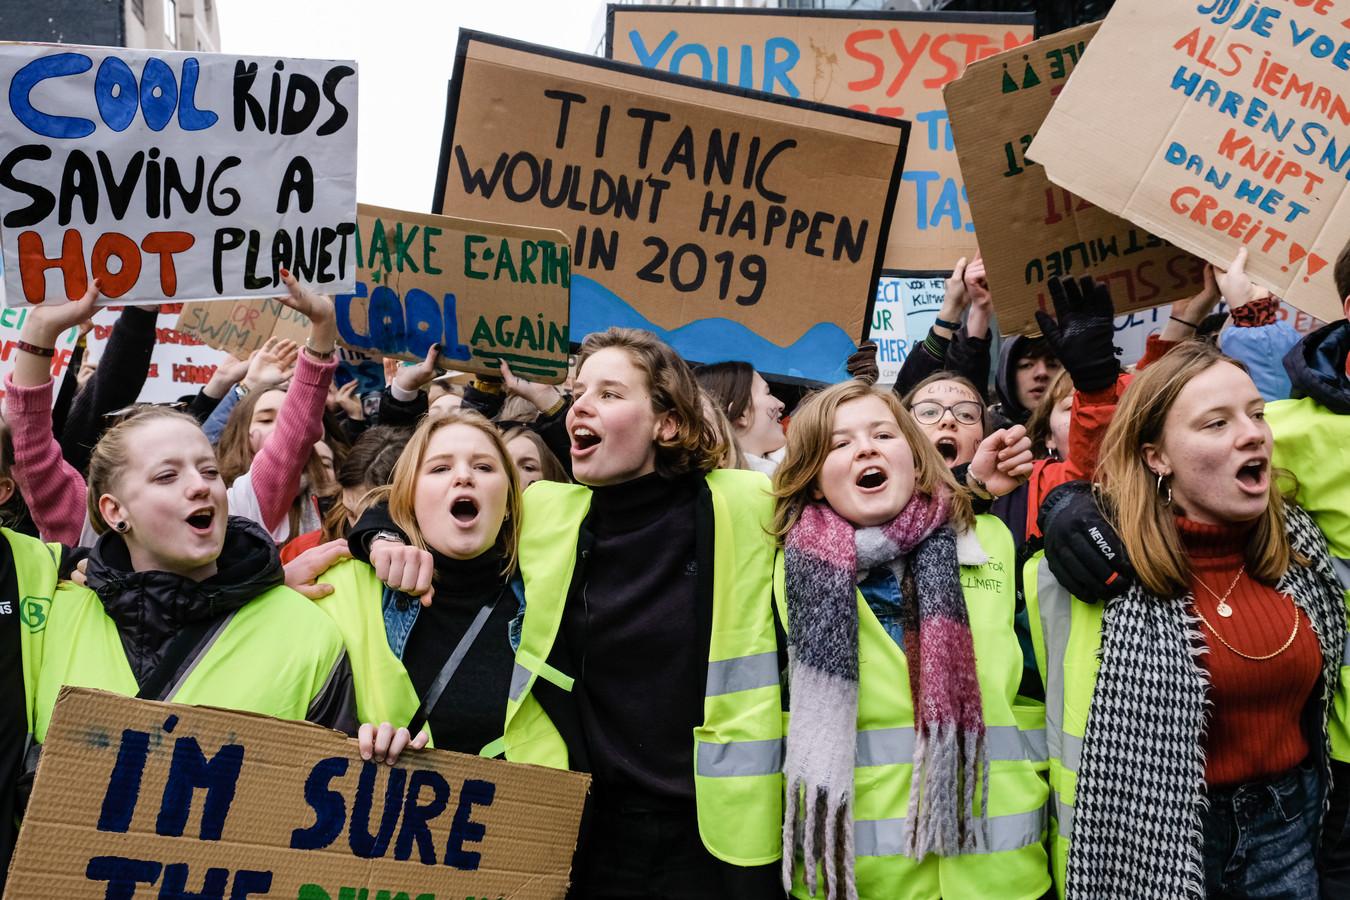 De aanjaagsters van de klimaatmarsen zijn allen meisjes:  Anuna De Wever (midden) en Kyra Gantois (links) werden geïnspireerd door de Zweedse scholiere Greta Thunberg (niet op de foto).